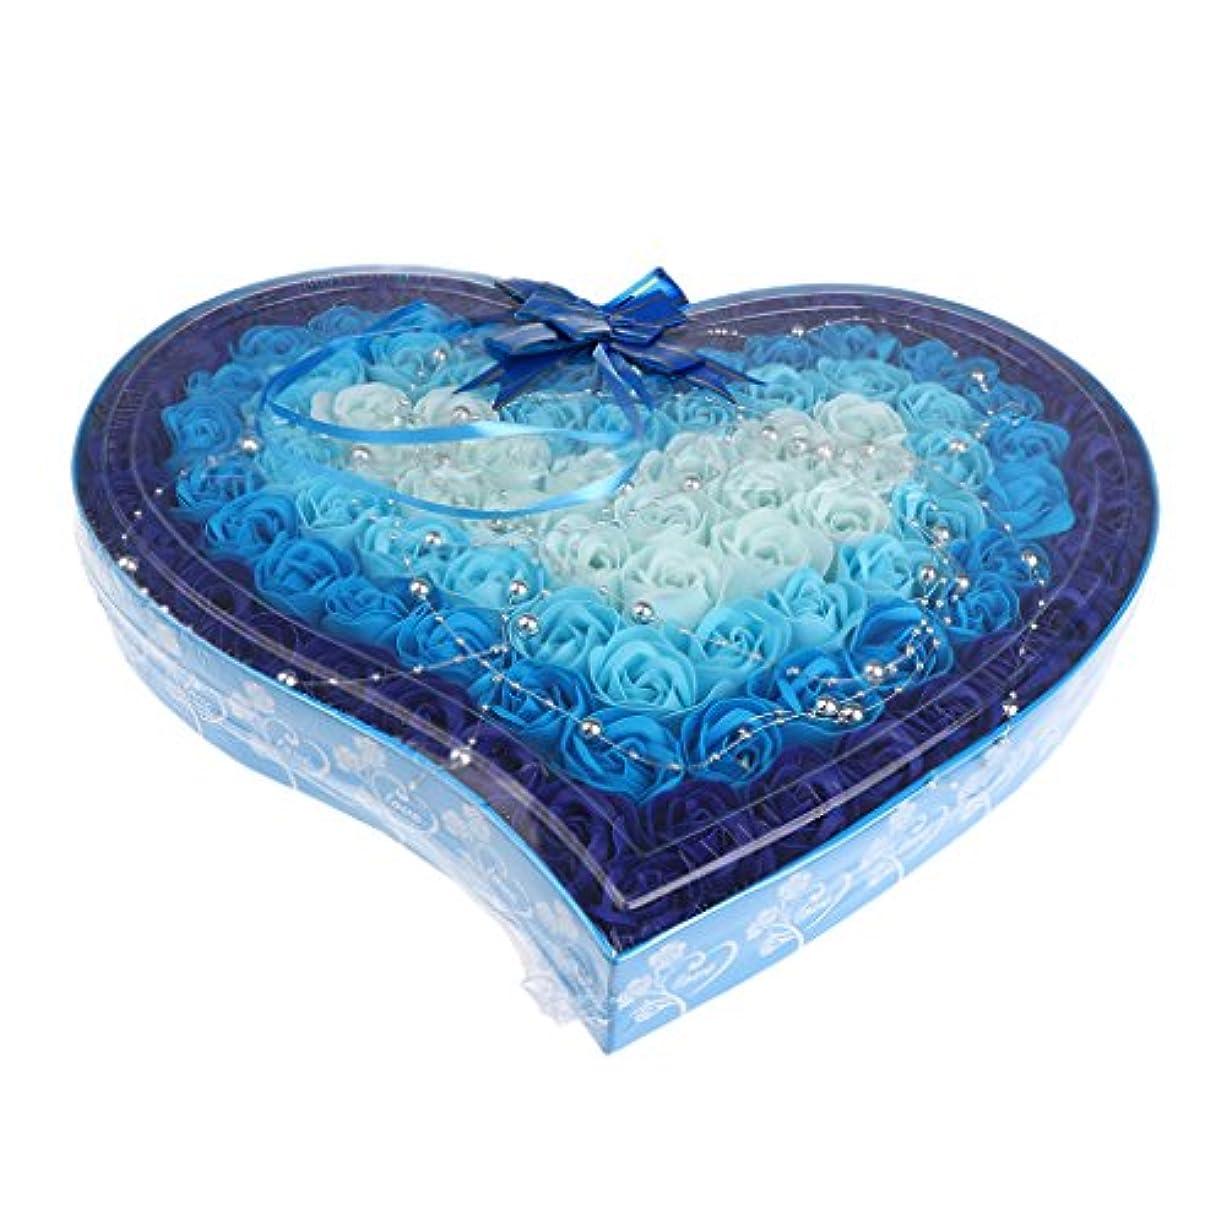 斧追う所有権石鹸の花 母の日 プレゼント 石鹸 お花 枯れないお花 心の形 ギフトボックス 約100個 プレゼント 4色選択可 - 青